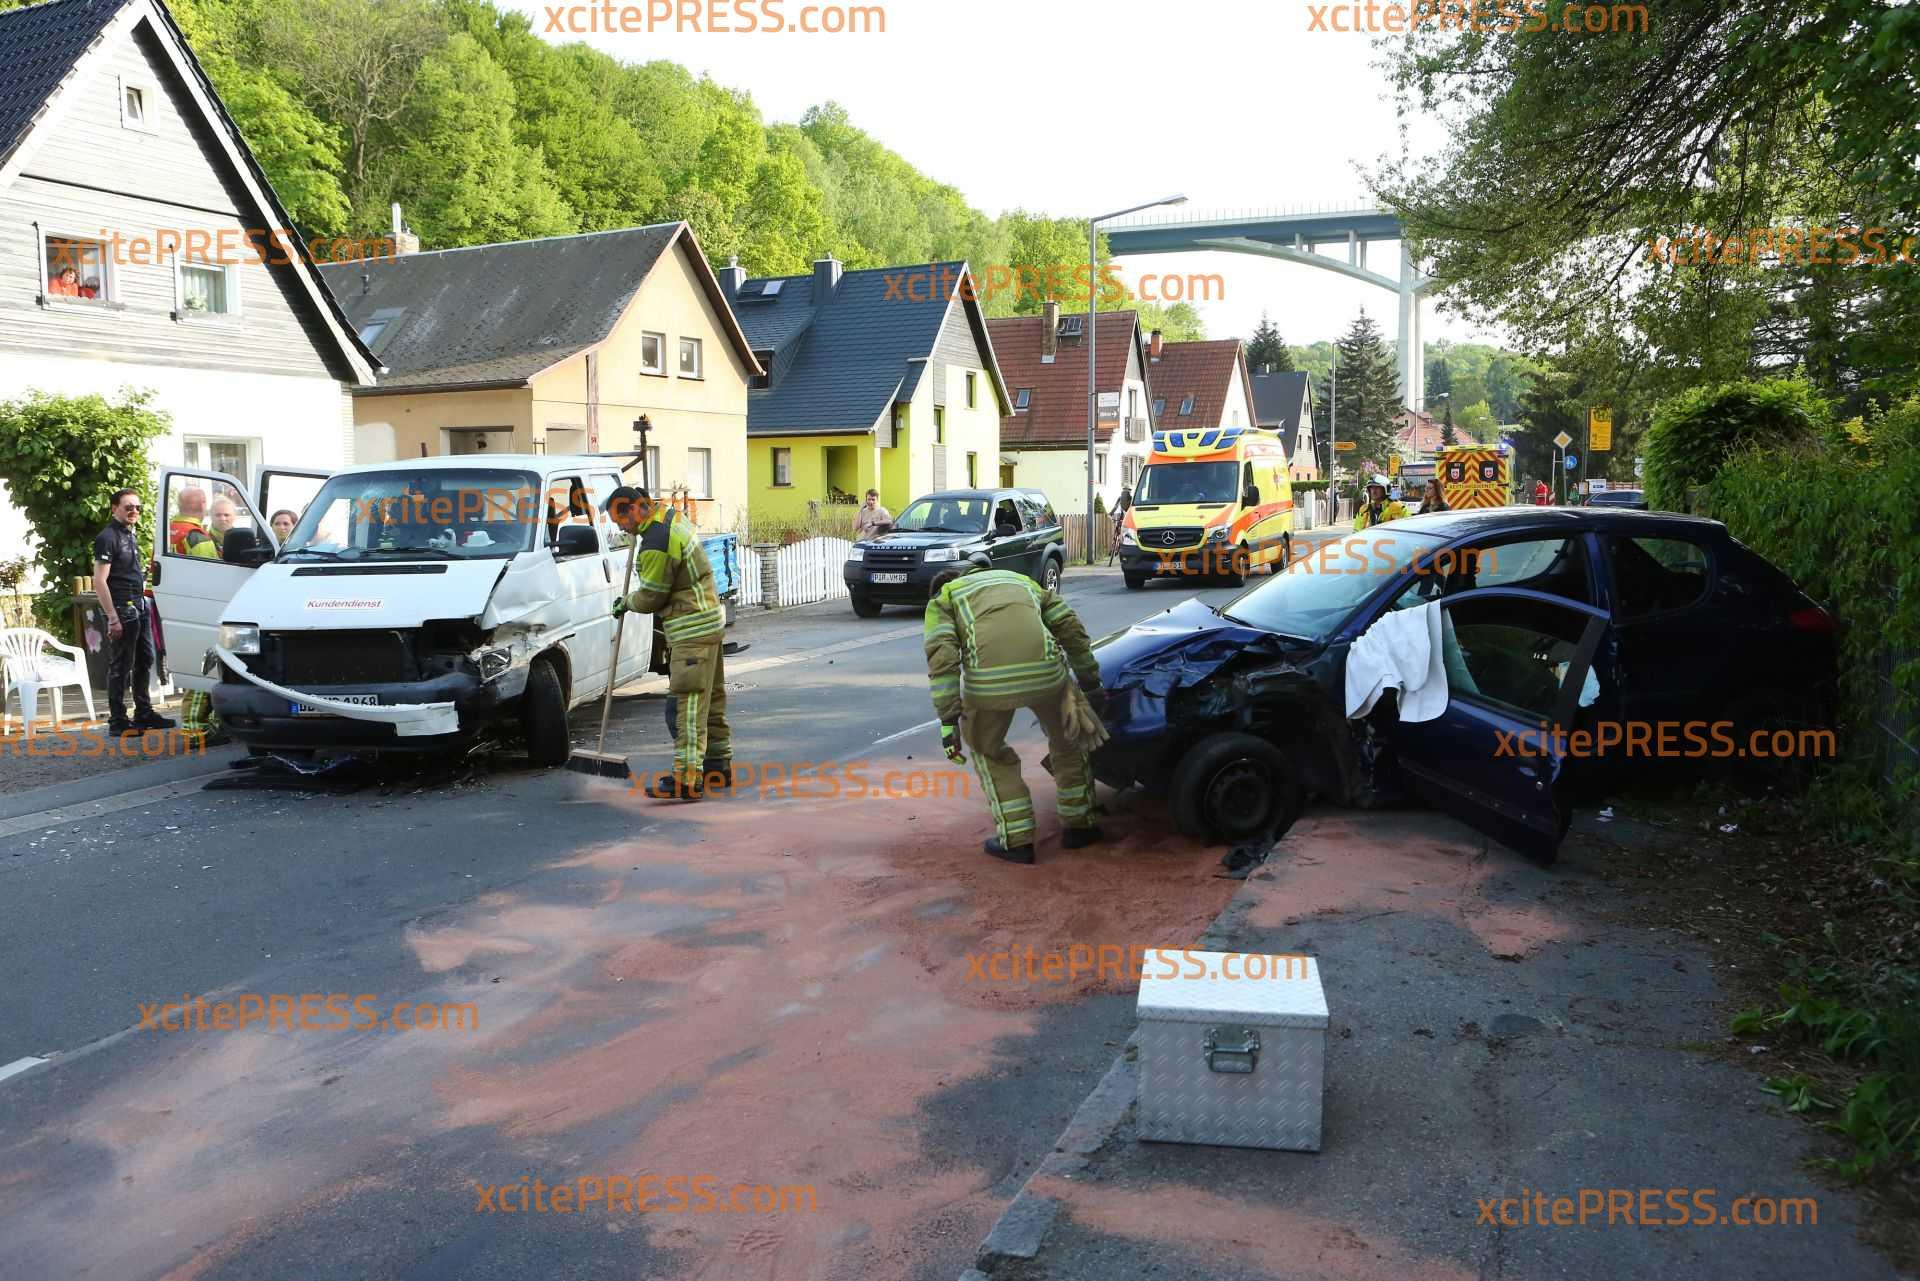 PKW in Gegenverkehr geschleudert:  5 Verletzte: Rettungshubschrauber und mehrere Rettungswagen im Einsatz